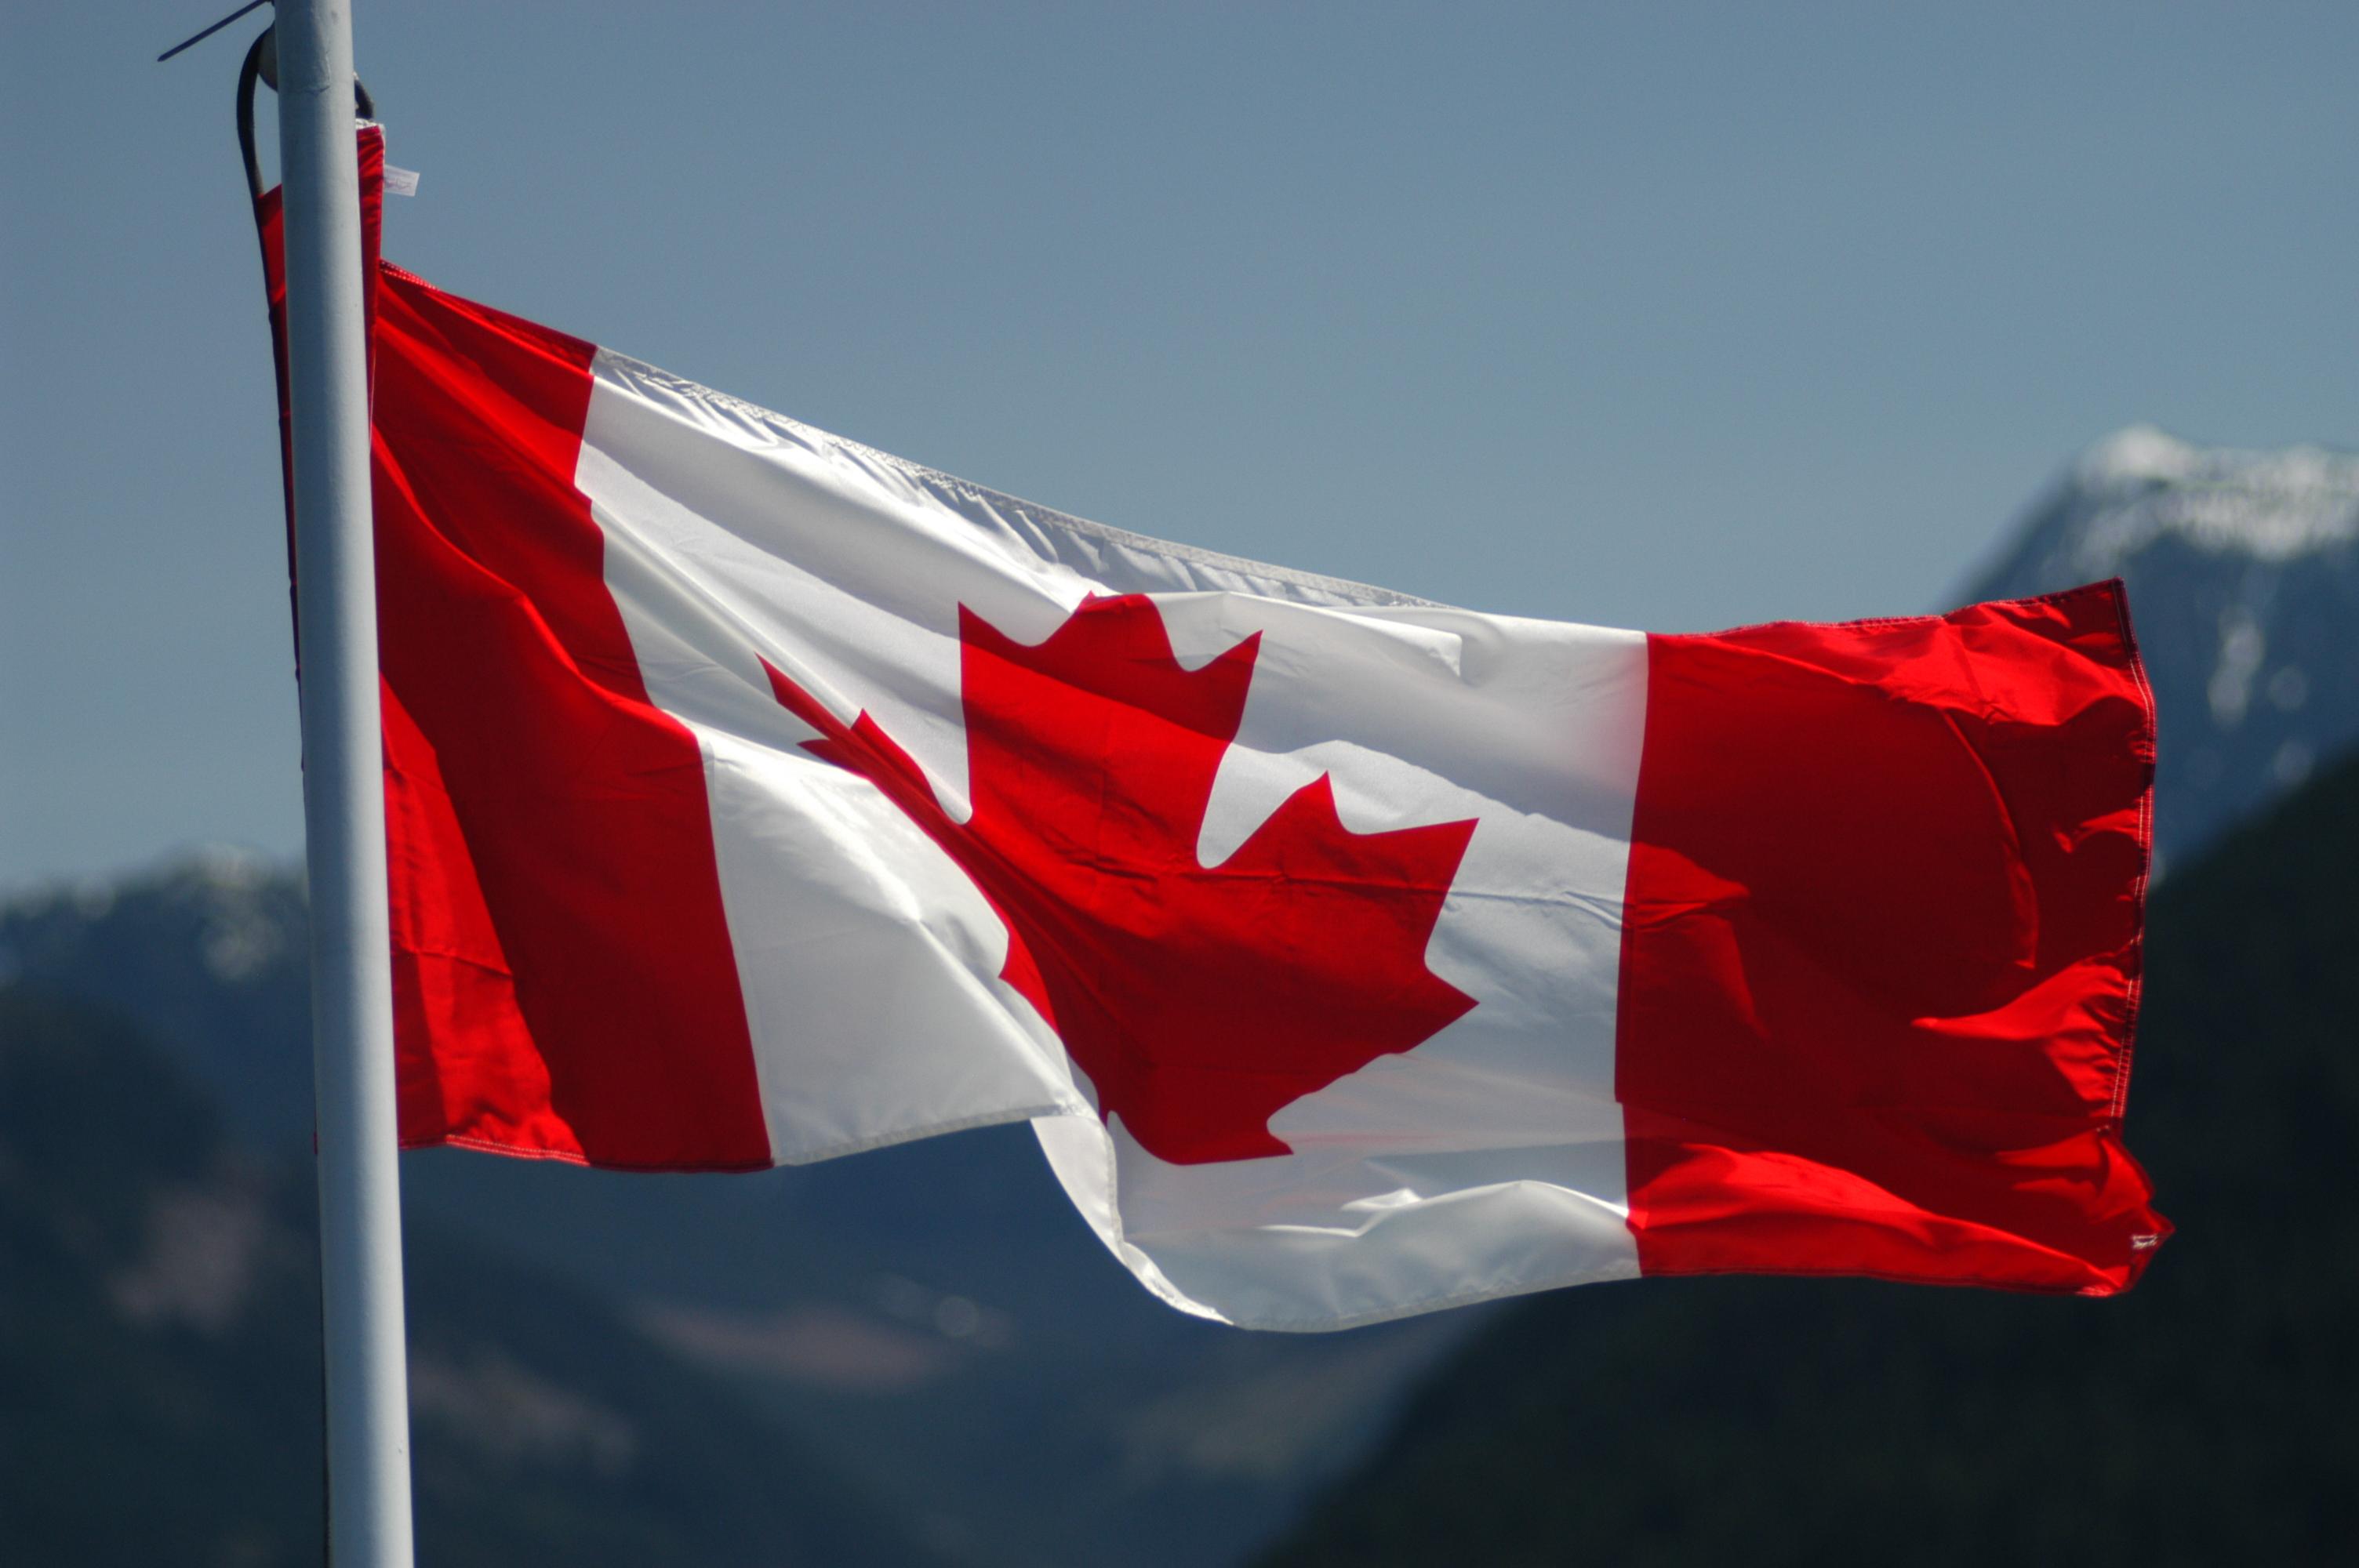 كندا تخصص 50 مليون دولار لمواجهة الاحتياجات الإنسانية للأزمة السورية